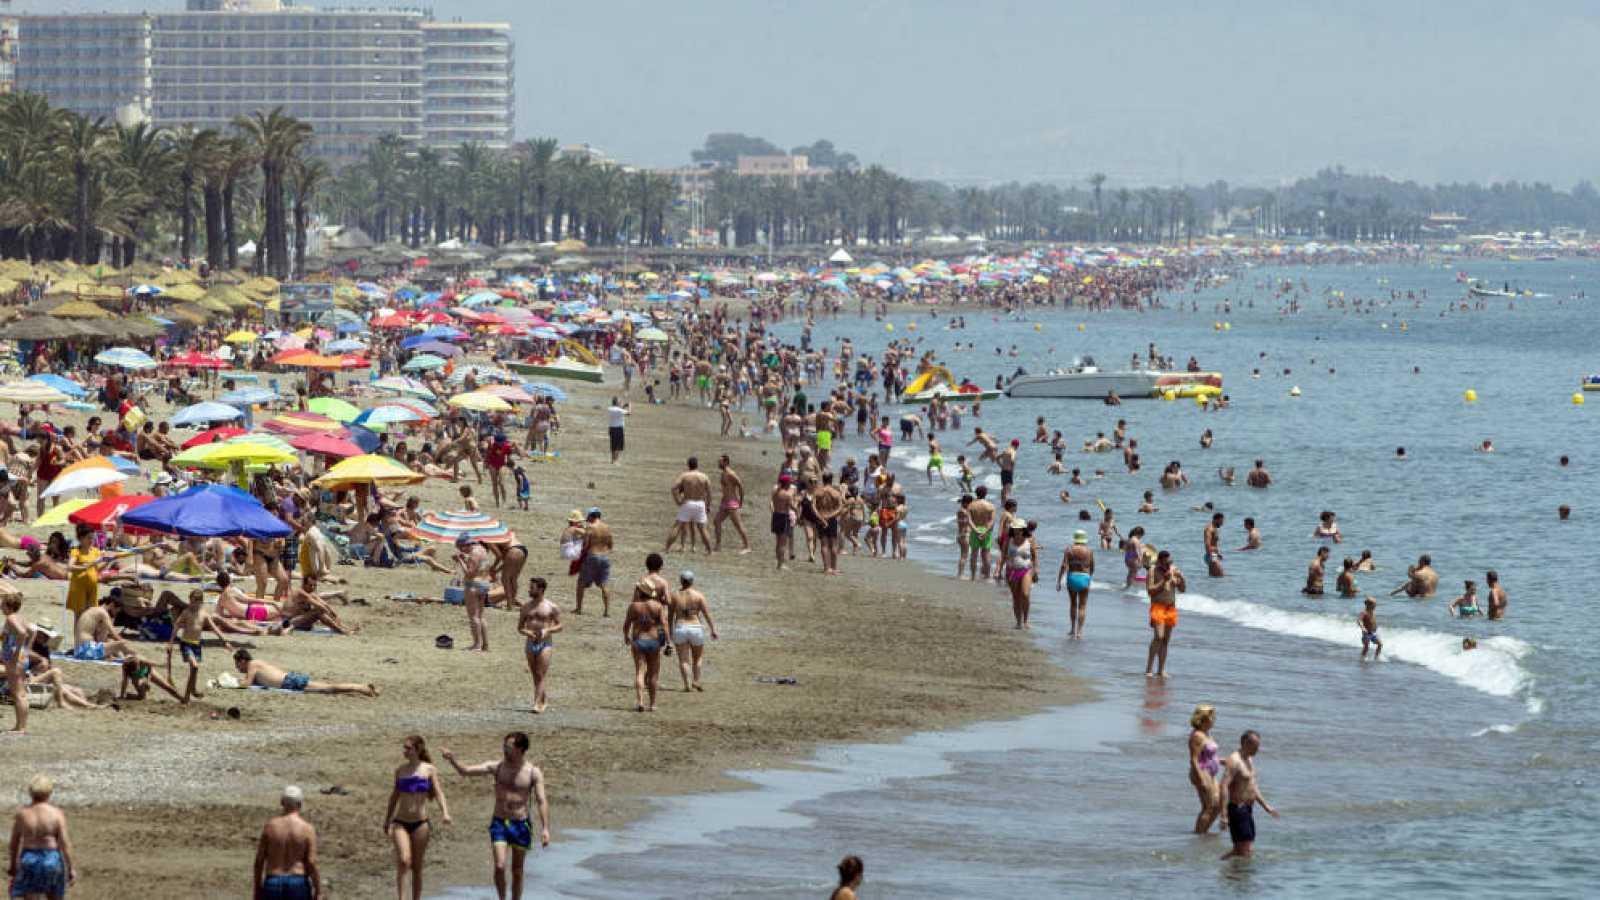 Turismo en comuidad - La Costa del Sol, un valor turístico seguro desde hace décadas - 18/07/18 - escuchar ahora